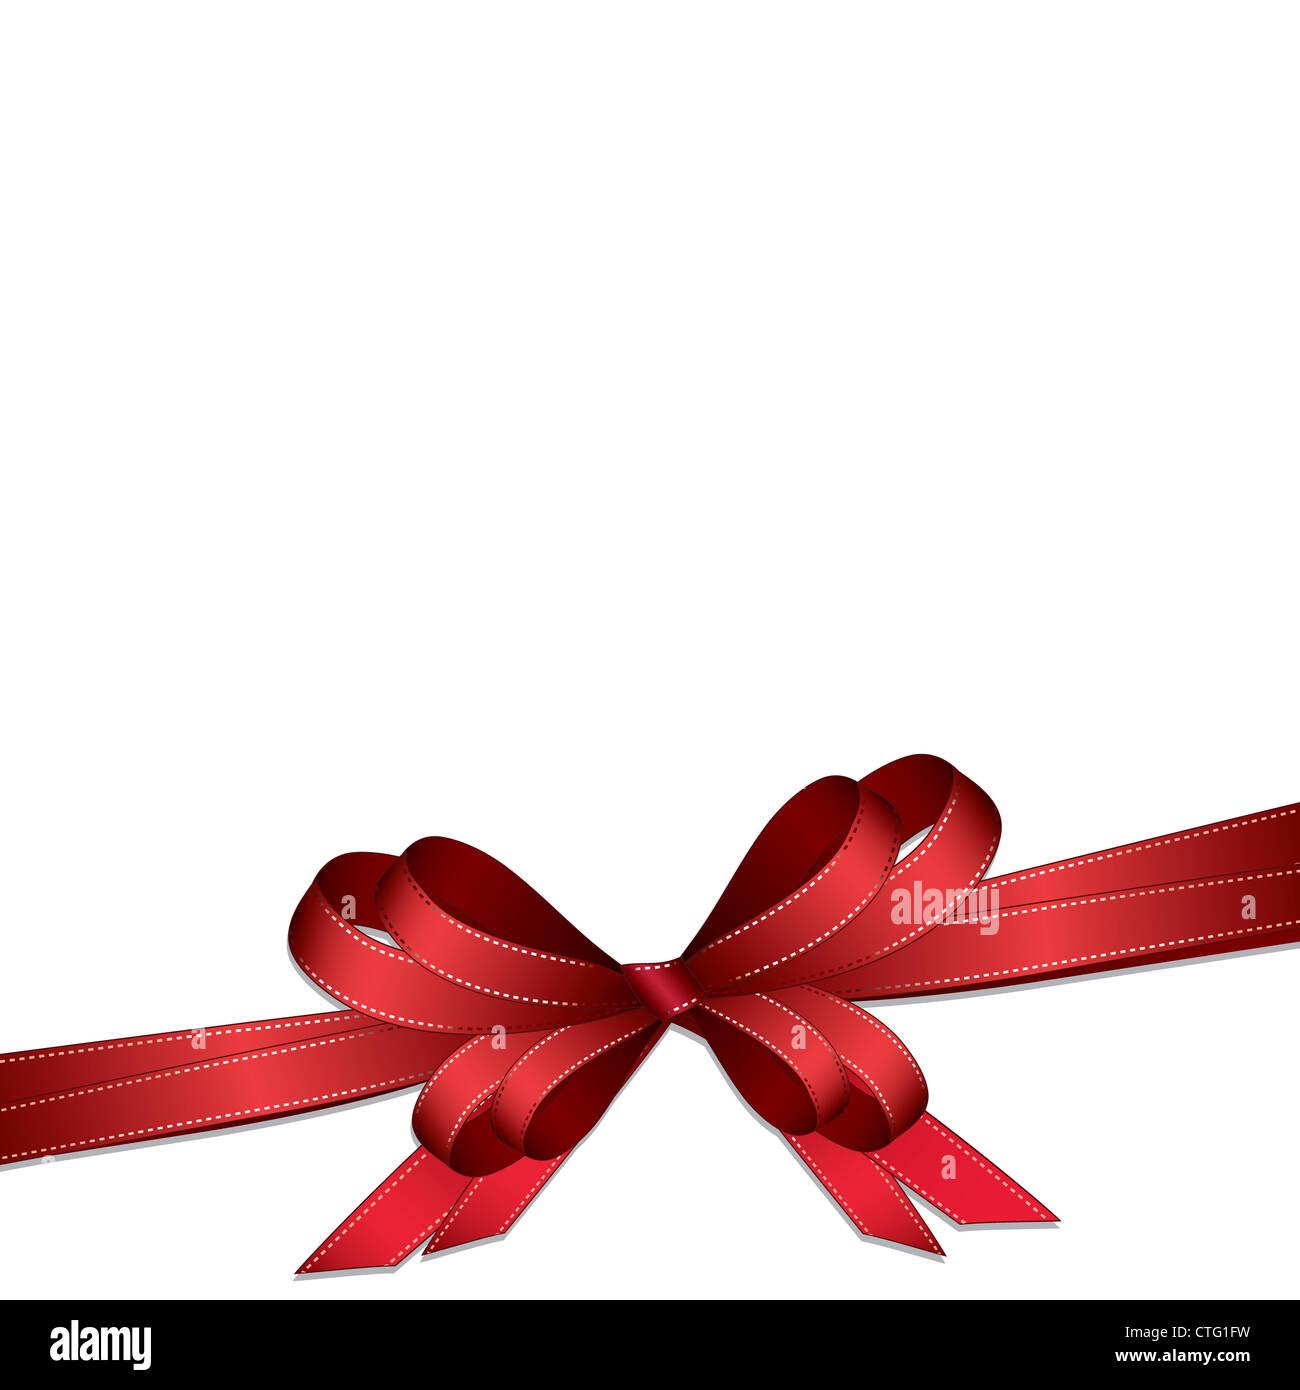 bow isolated on white background Stock Photo